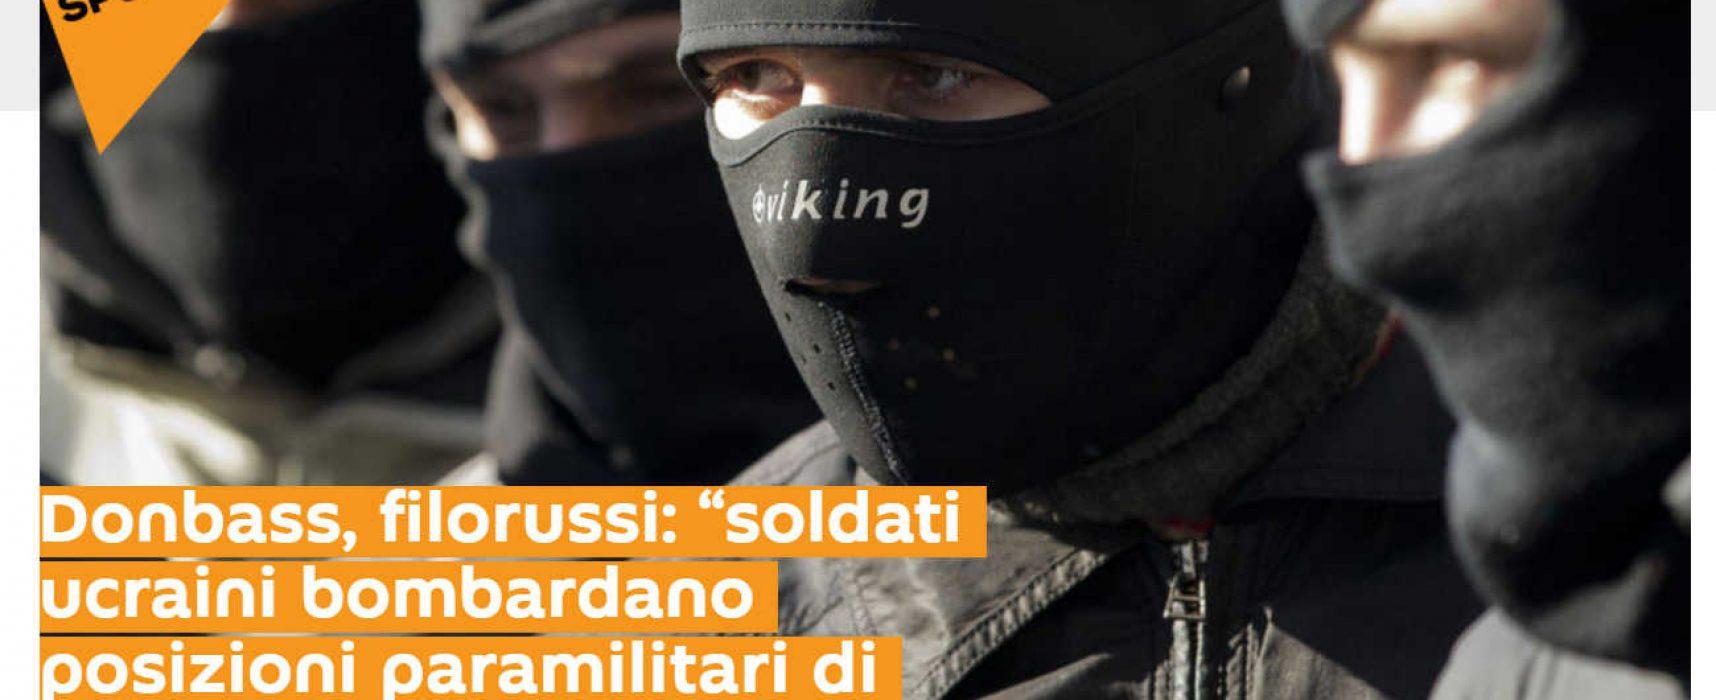 Fake : Esercito ucraino bombarda il settore destro